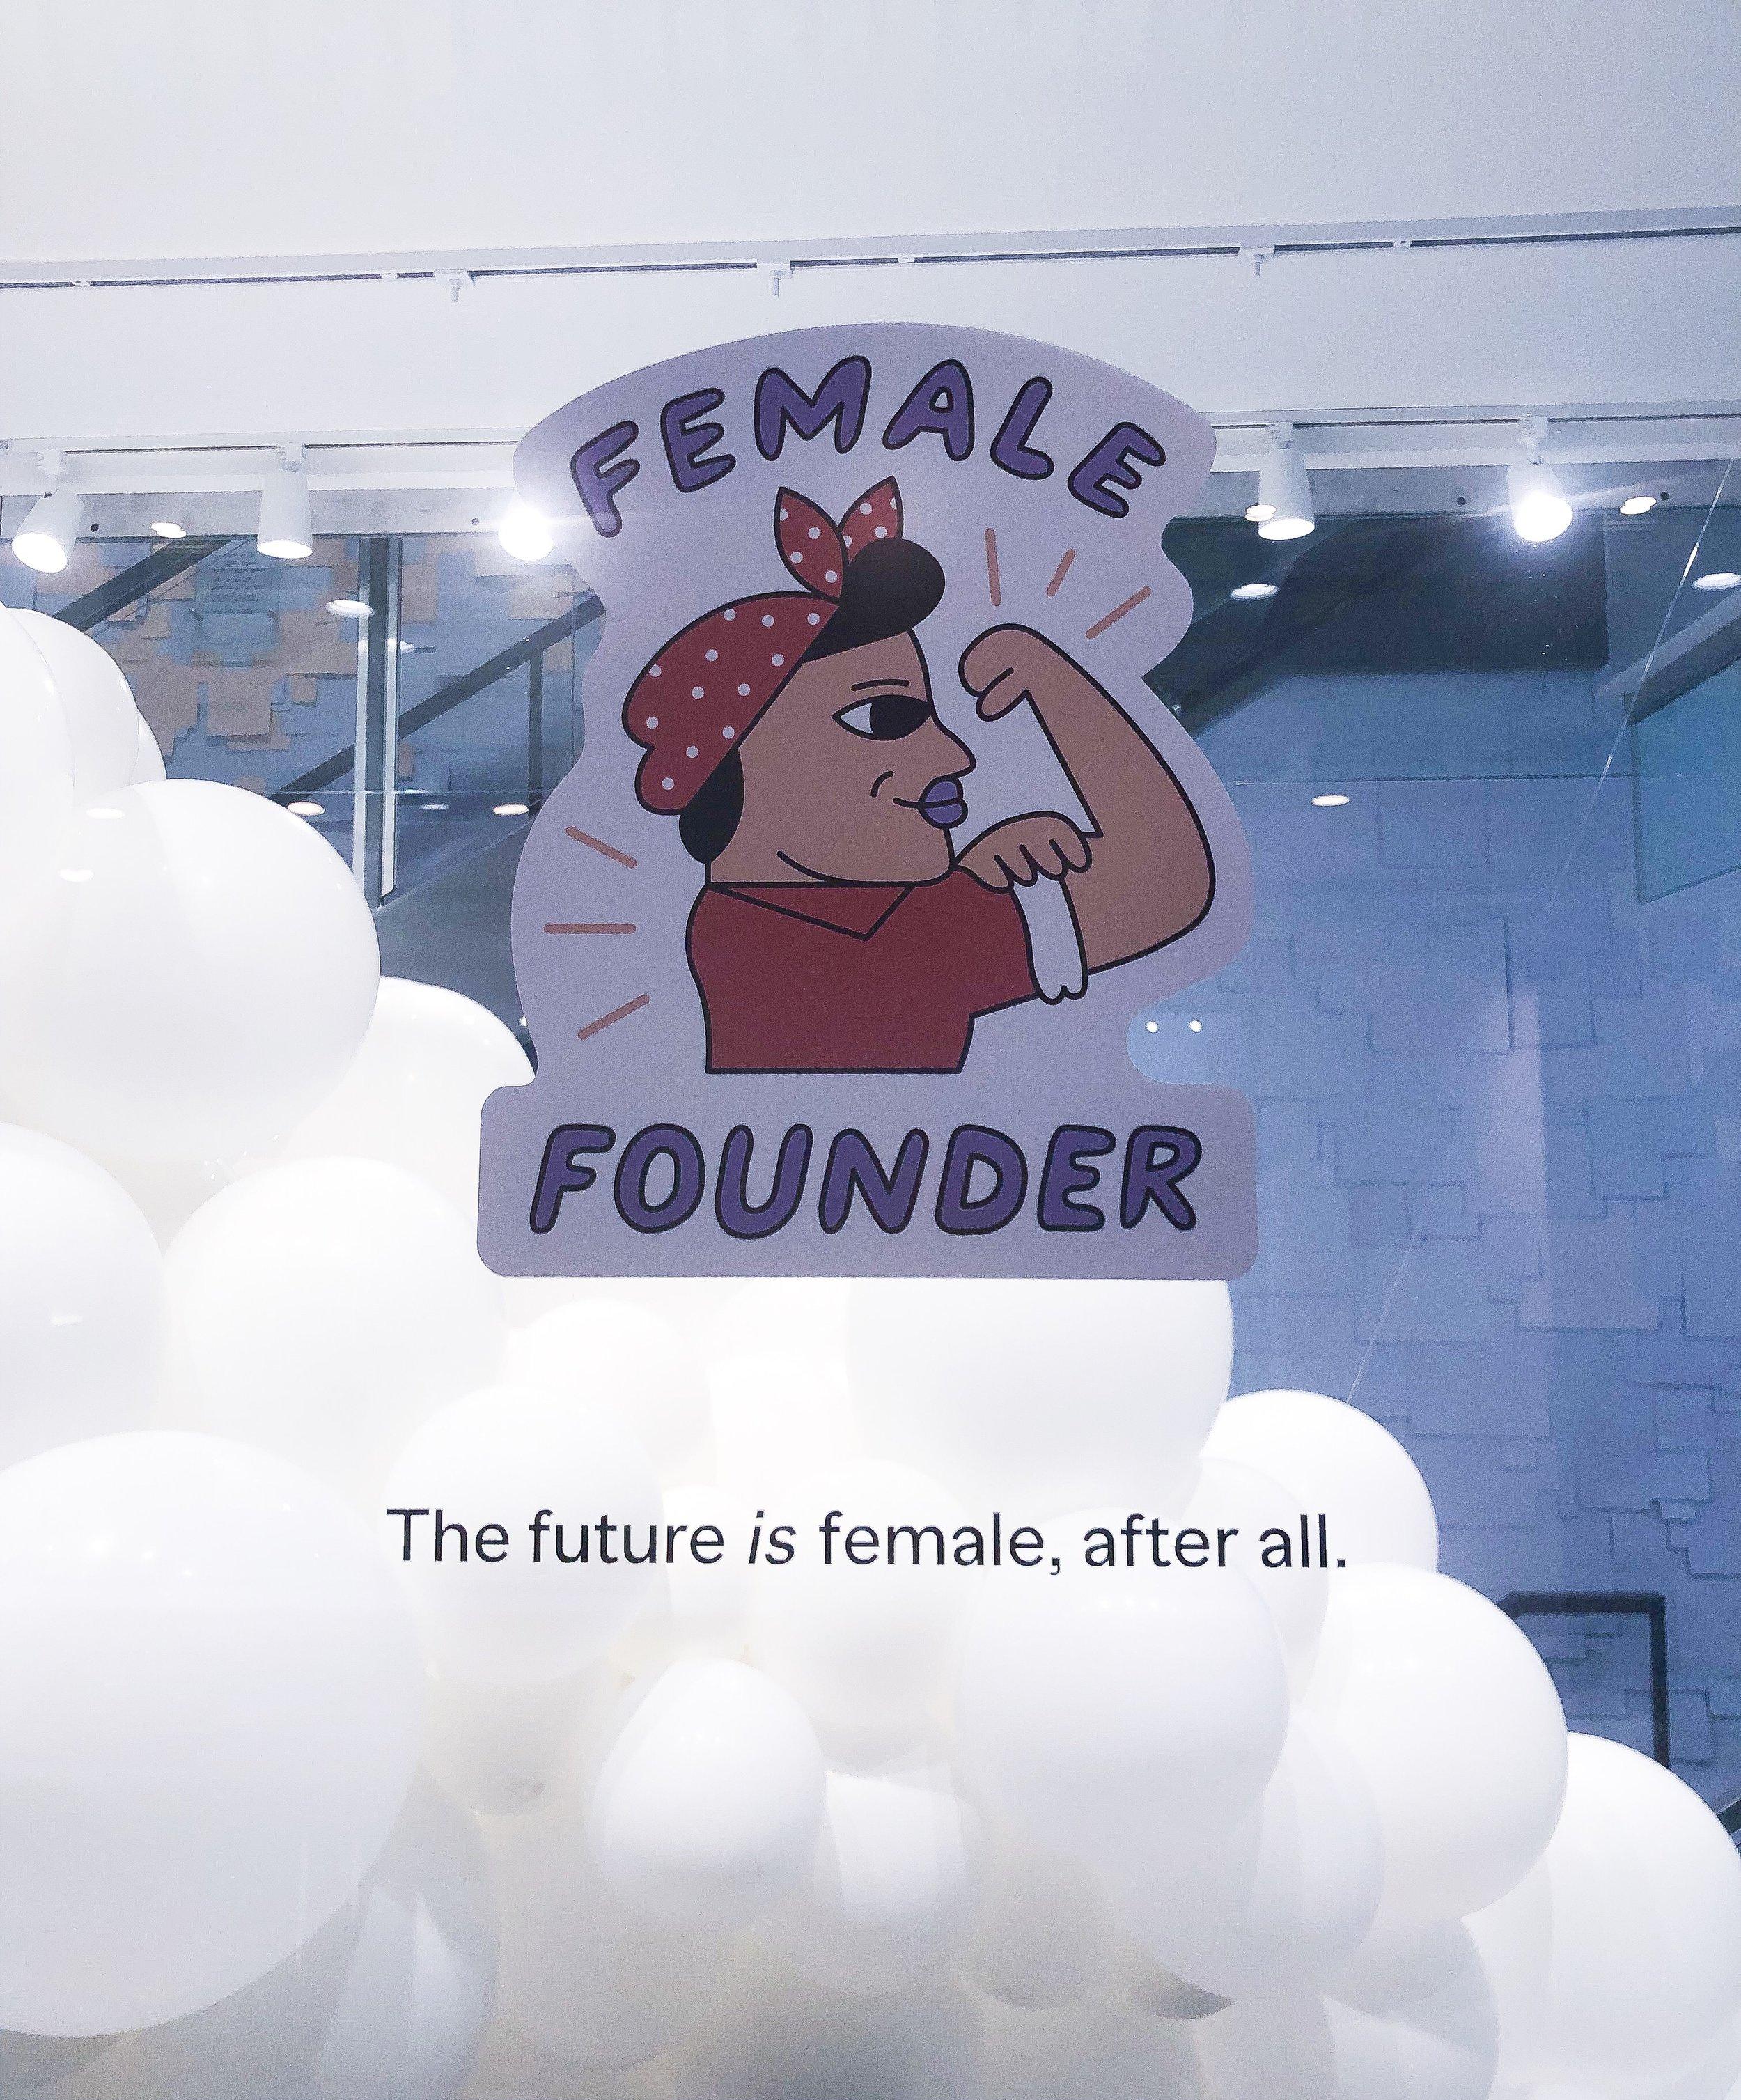 Female founder!